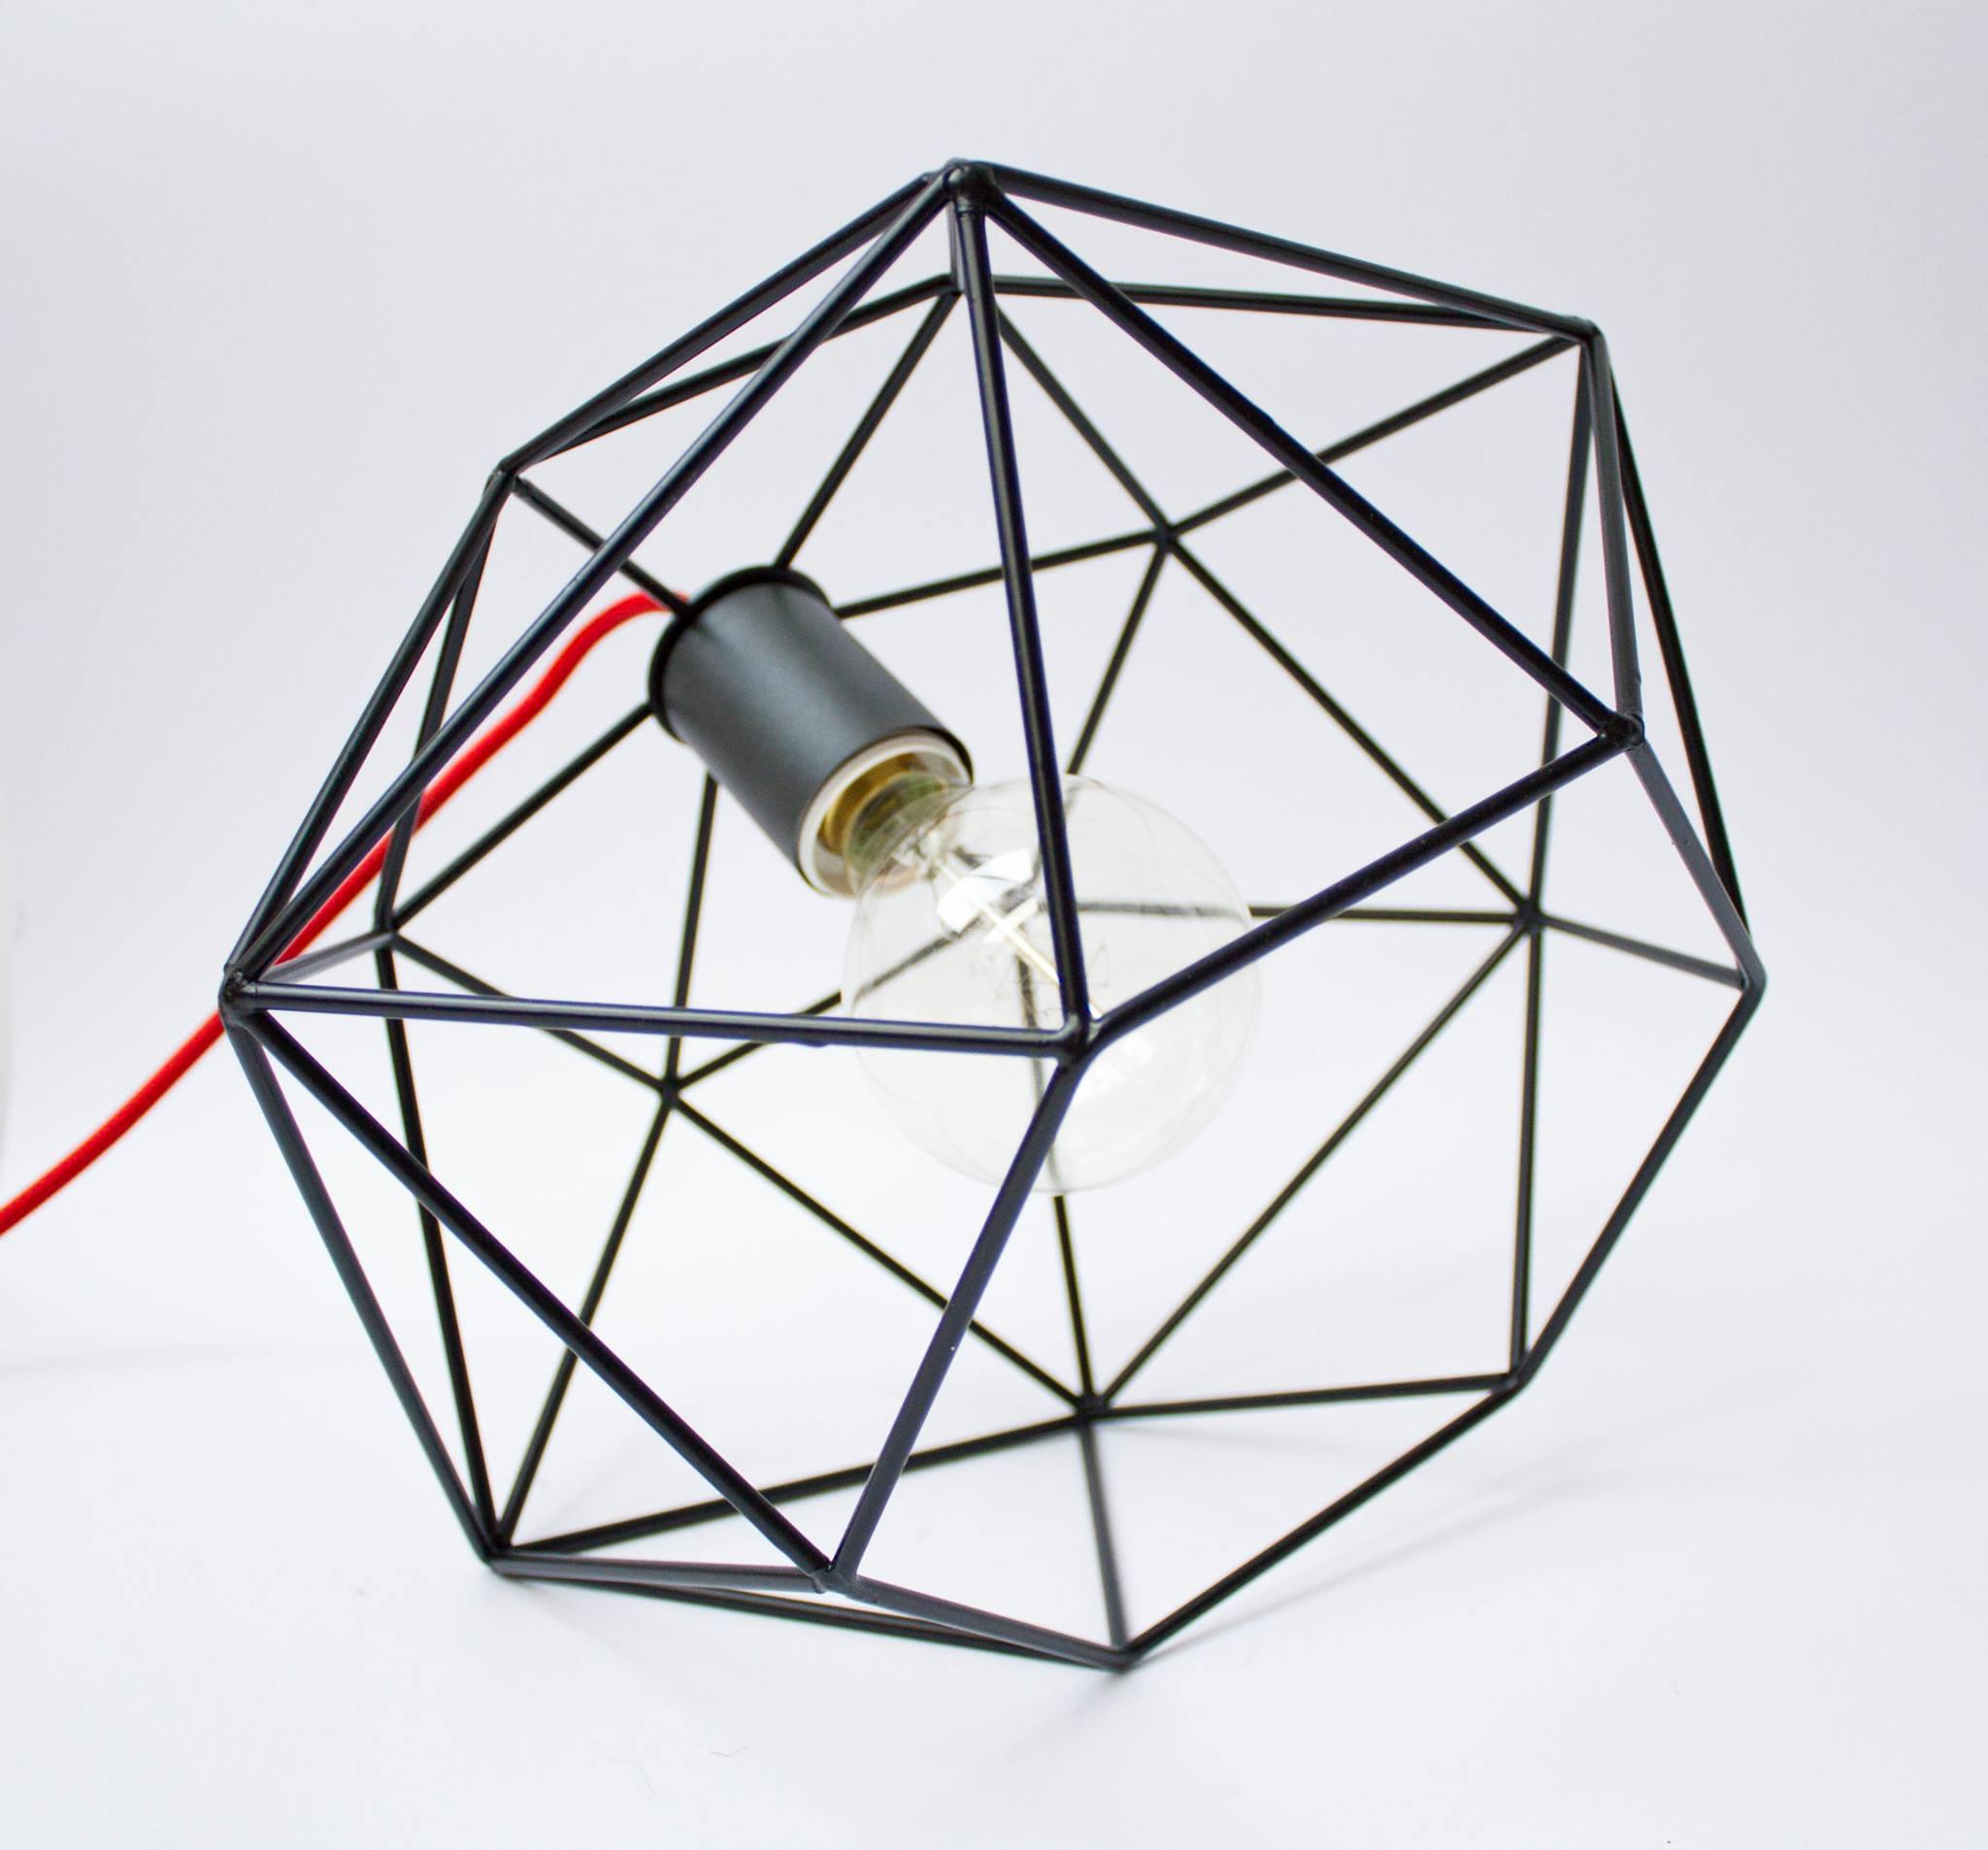 hexal design2